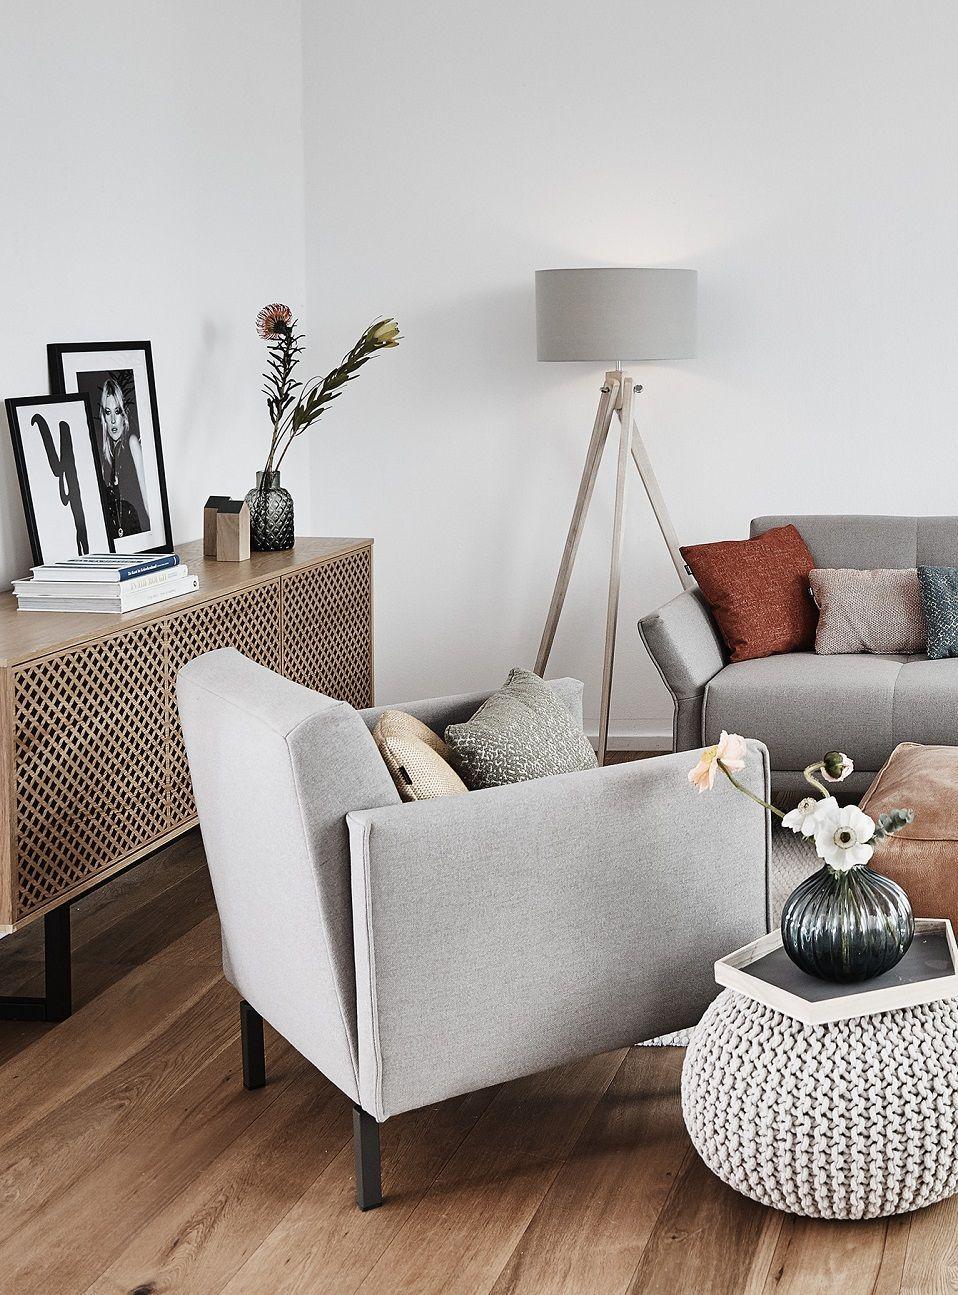 Was Ist Ein Pouf handgefertigter strickpouf dori poufs apartments and interiors